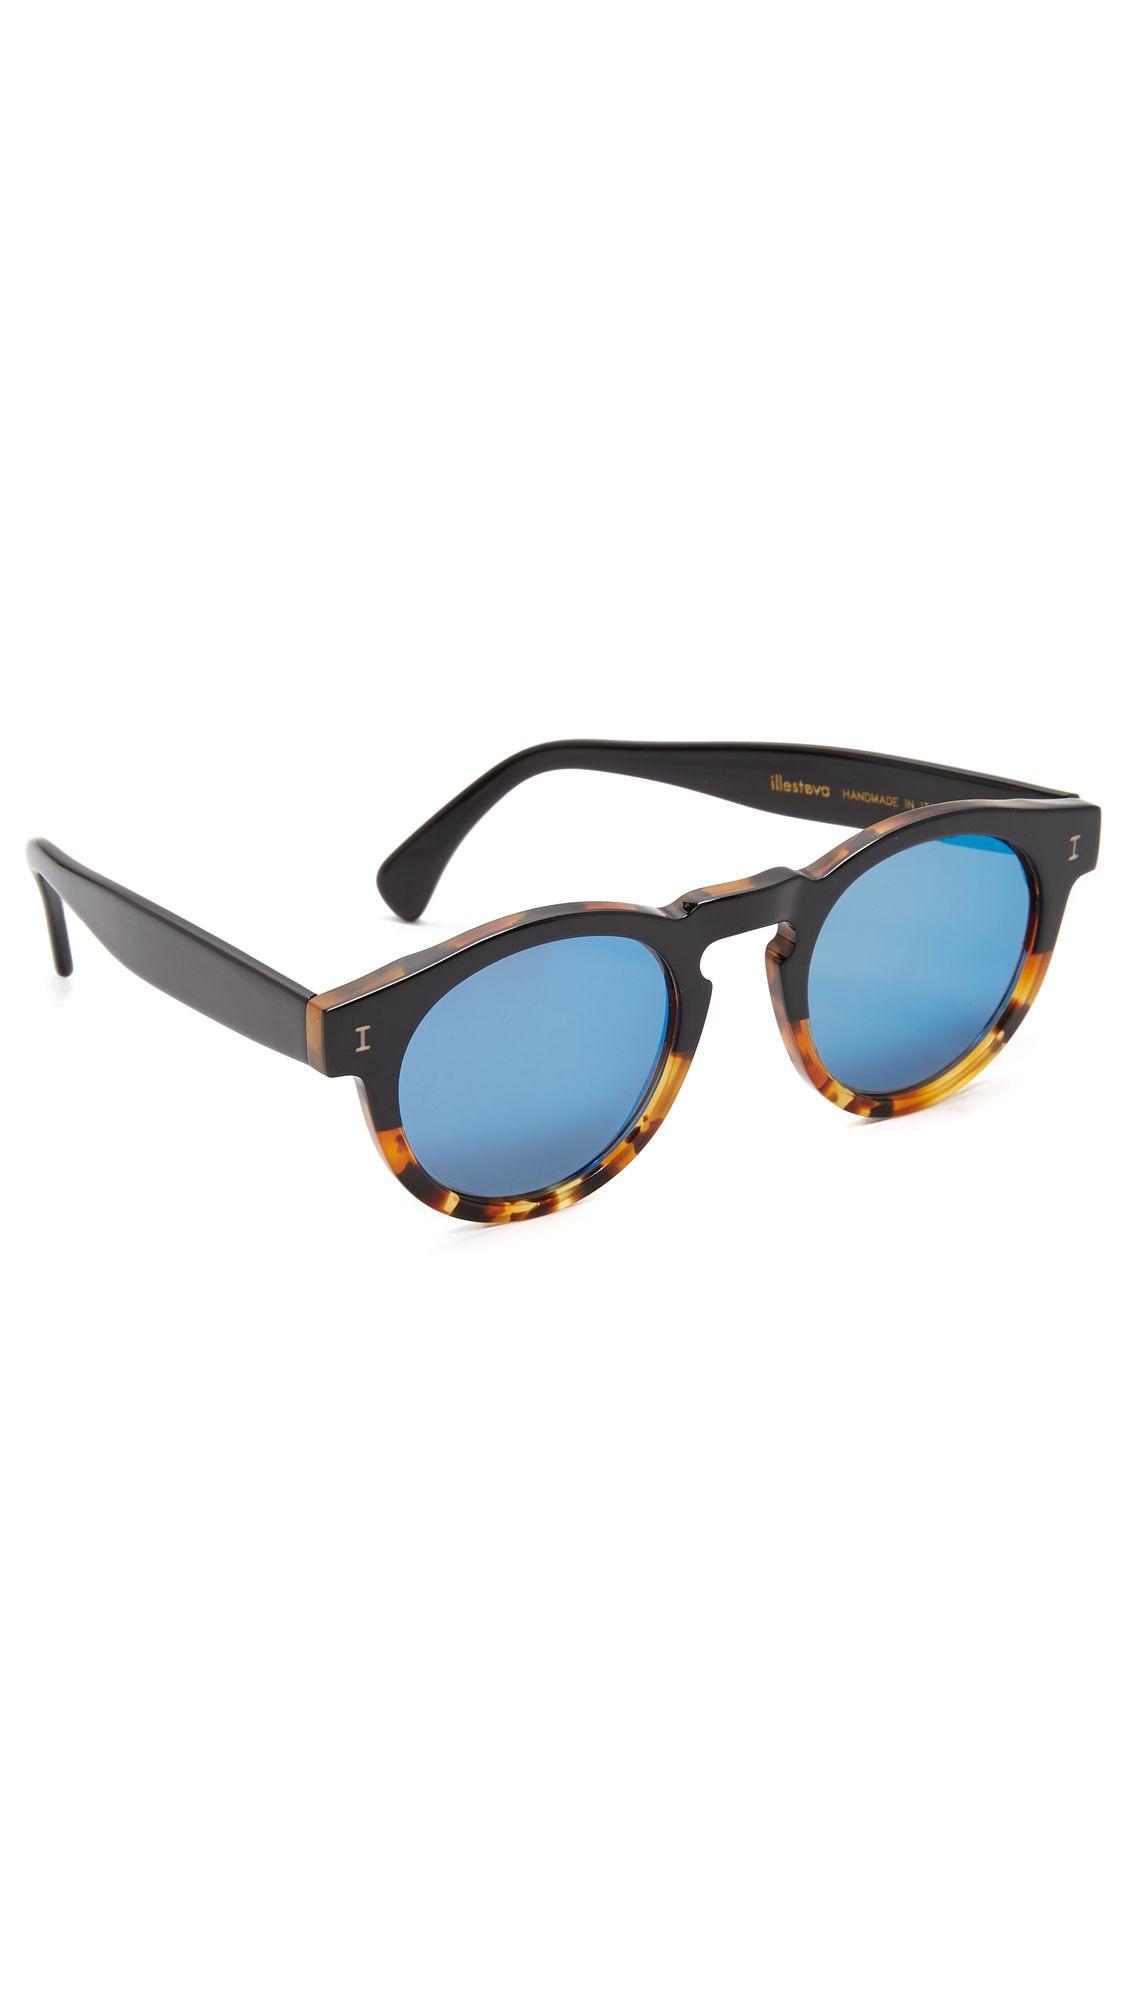 383b3c3d37d ILLESTEVA Leonard Half   Half Mirrored Sunglasses.  illesteva  sunglasses